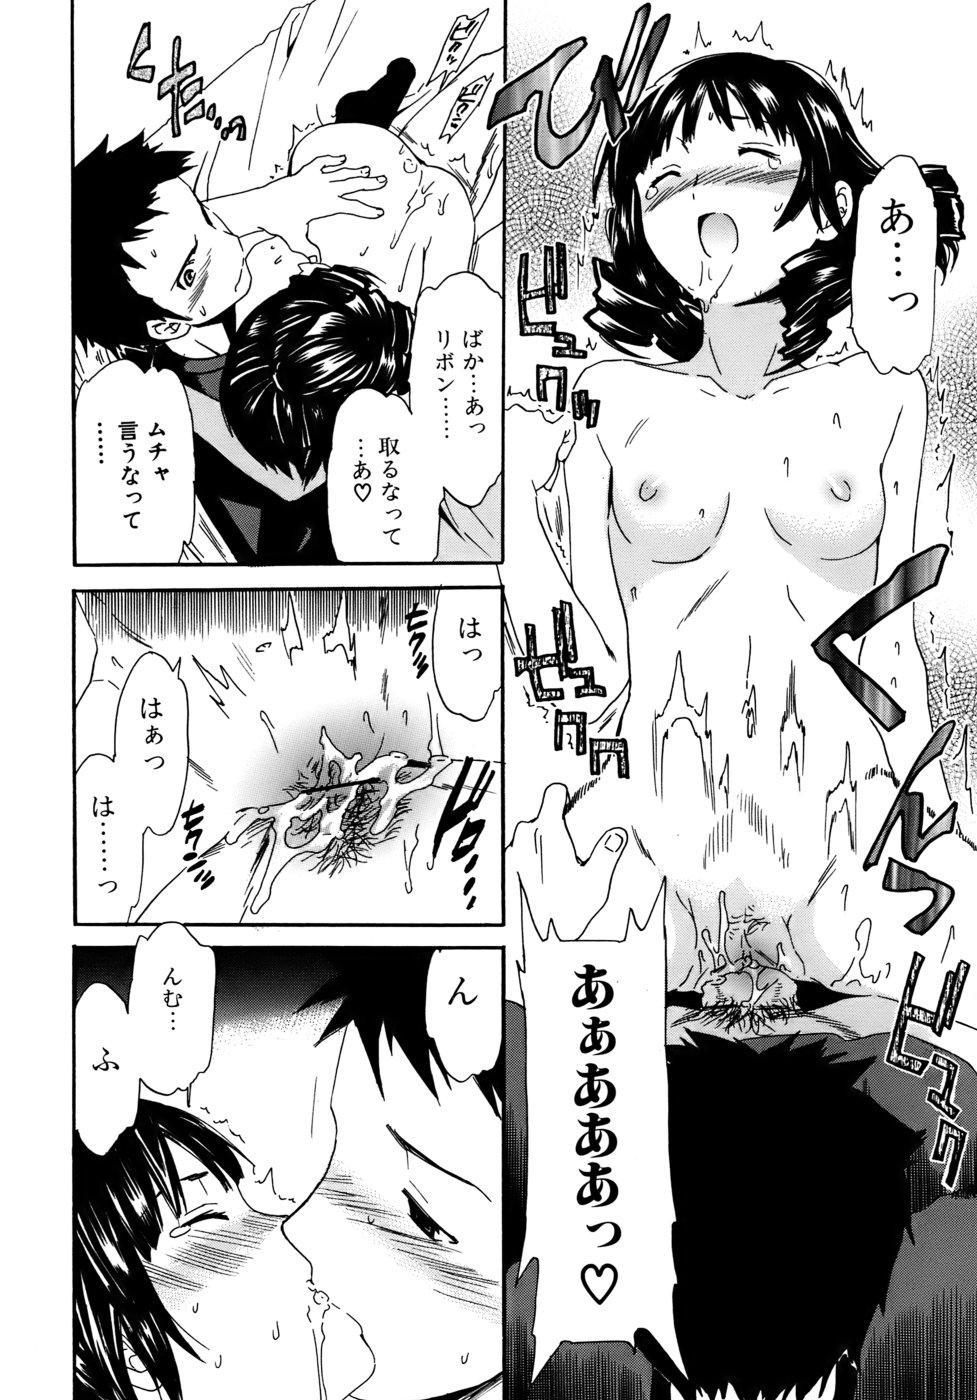 Kanojo no Bitai - Her Coquetry 32